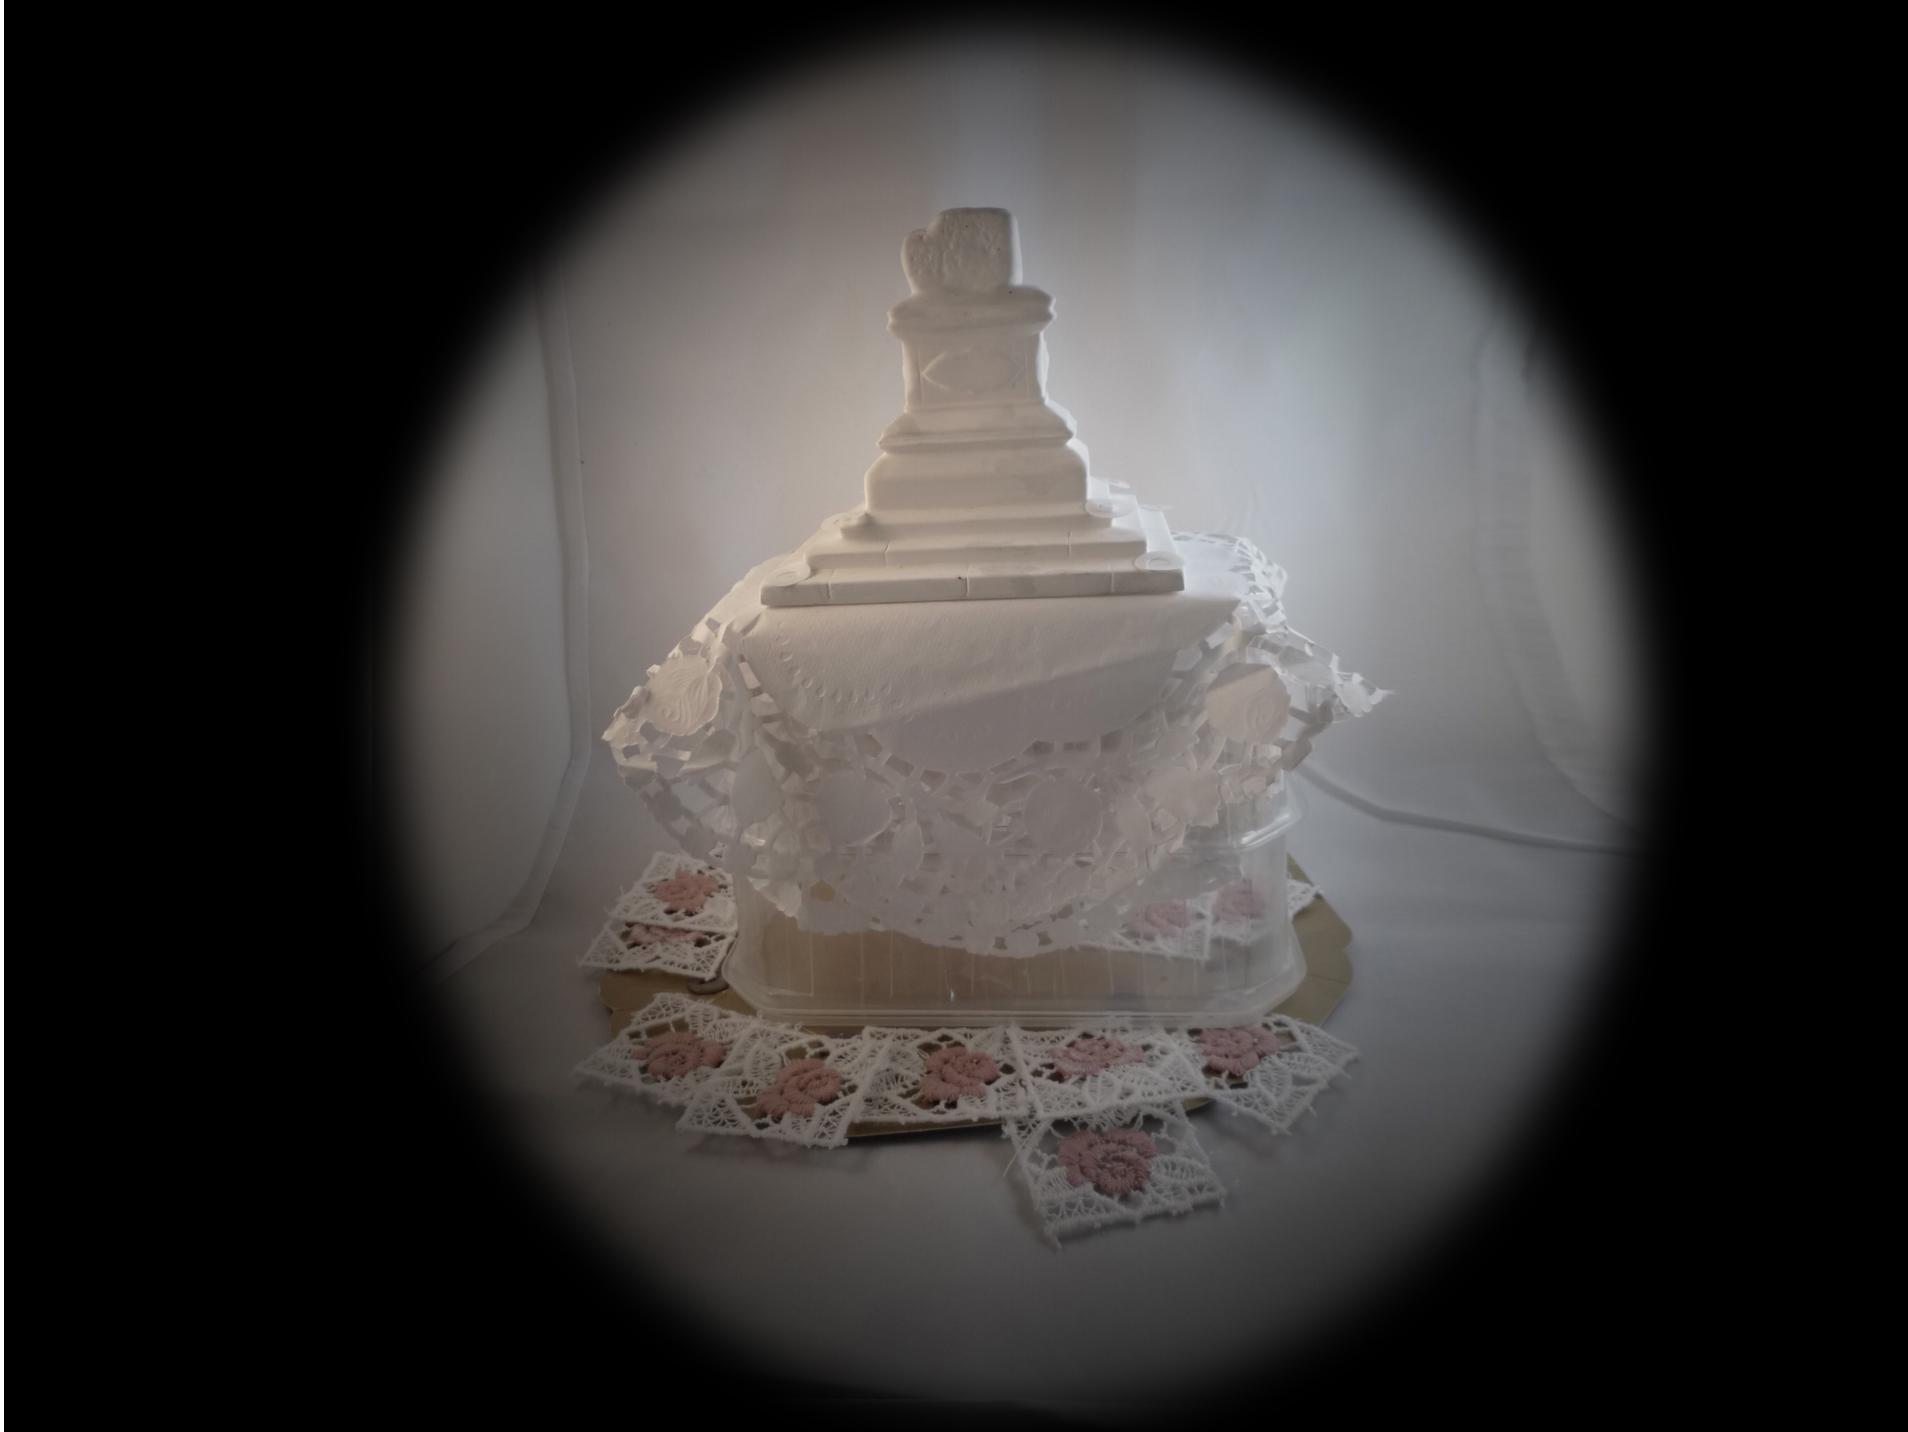 treaty cake